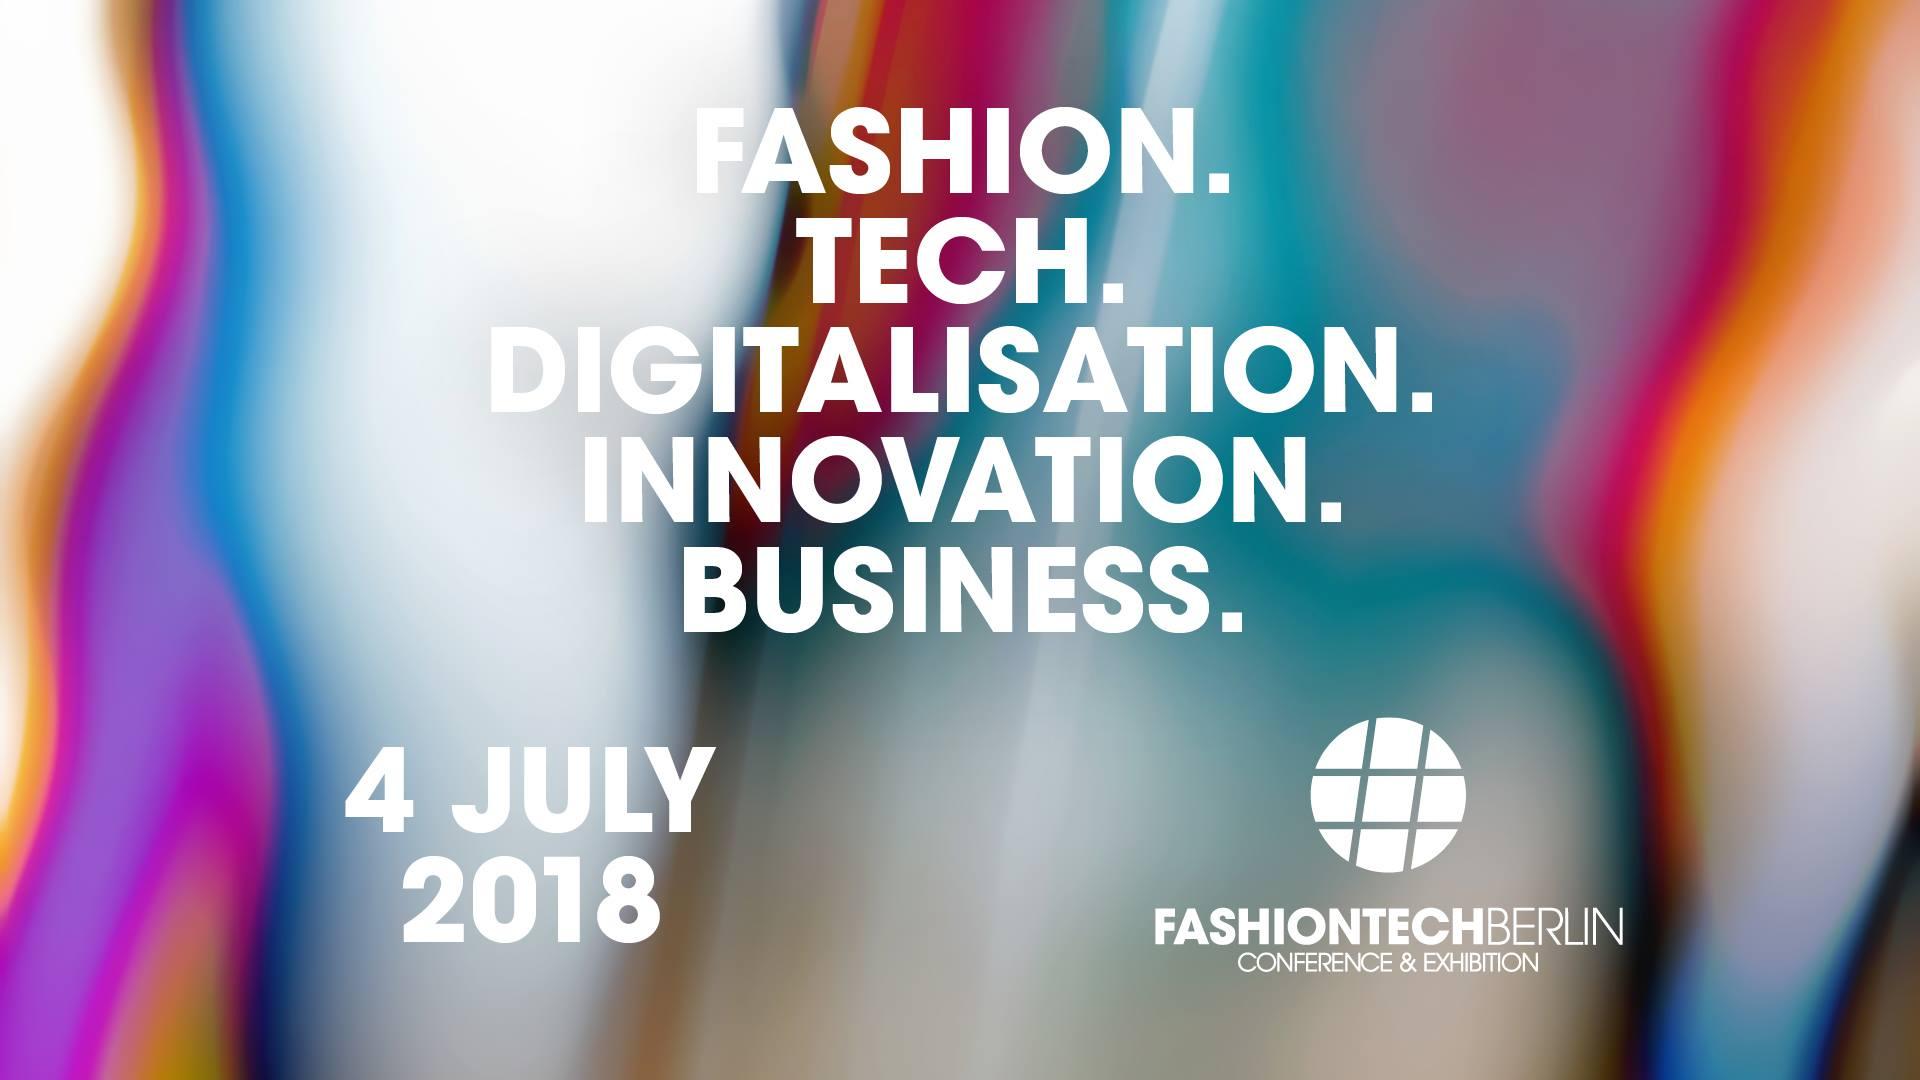 Fashiontech Berlin 2018